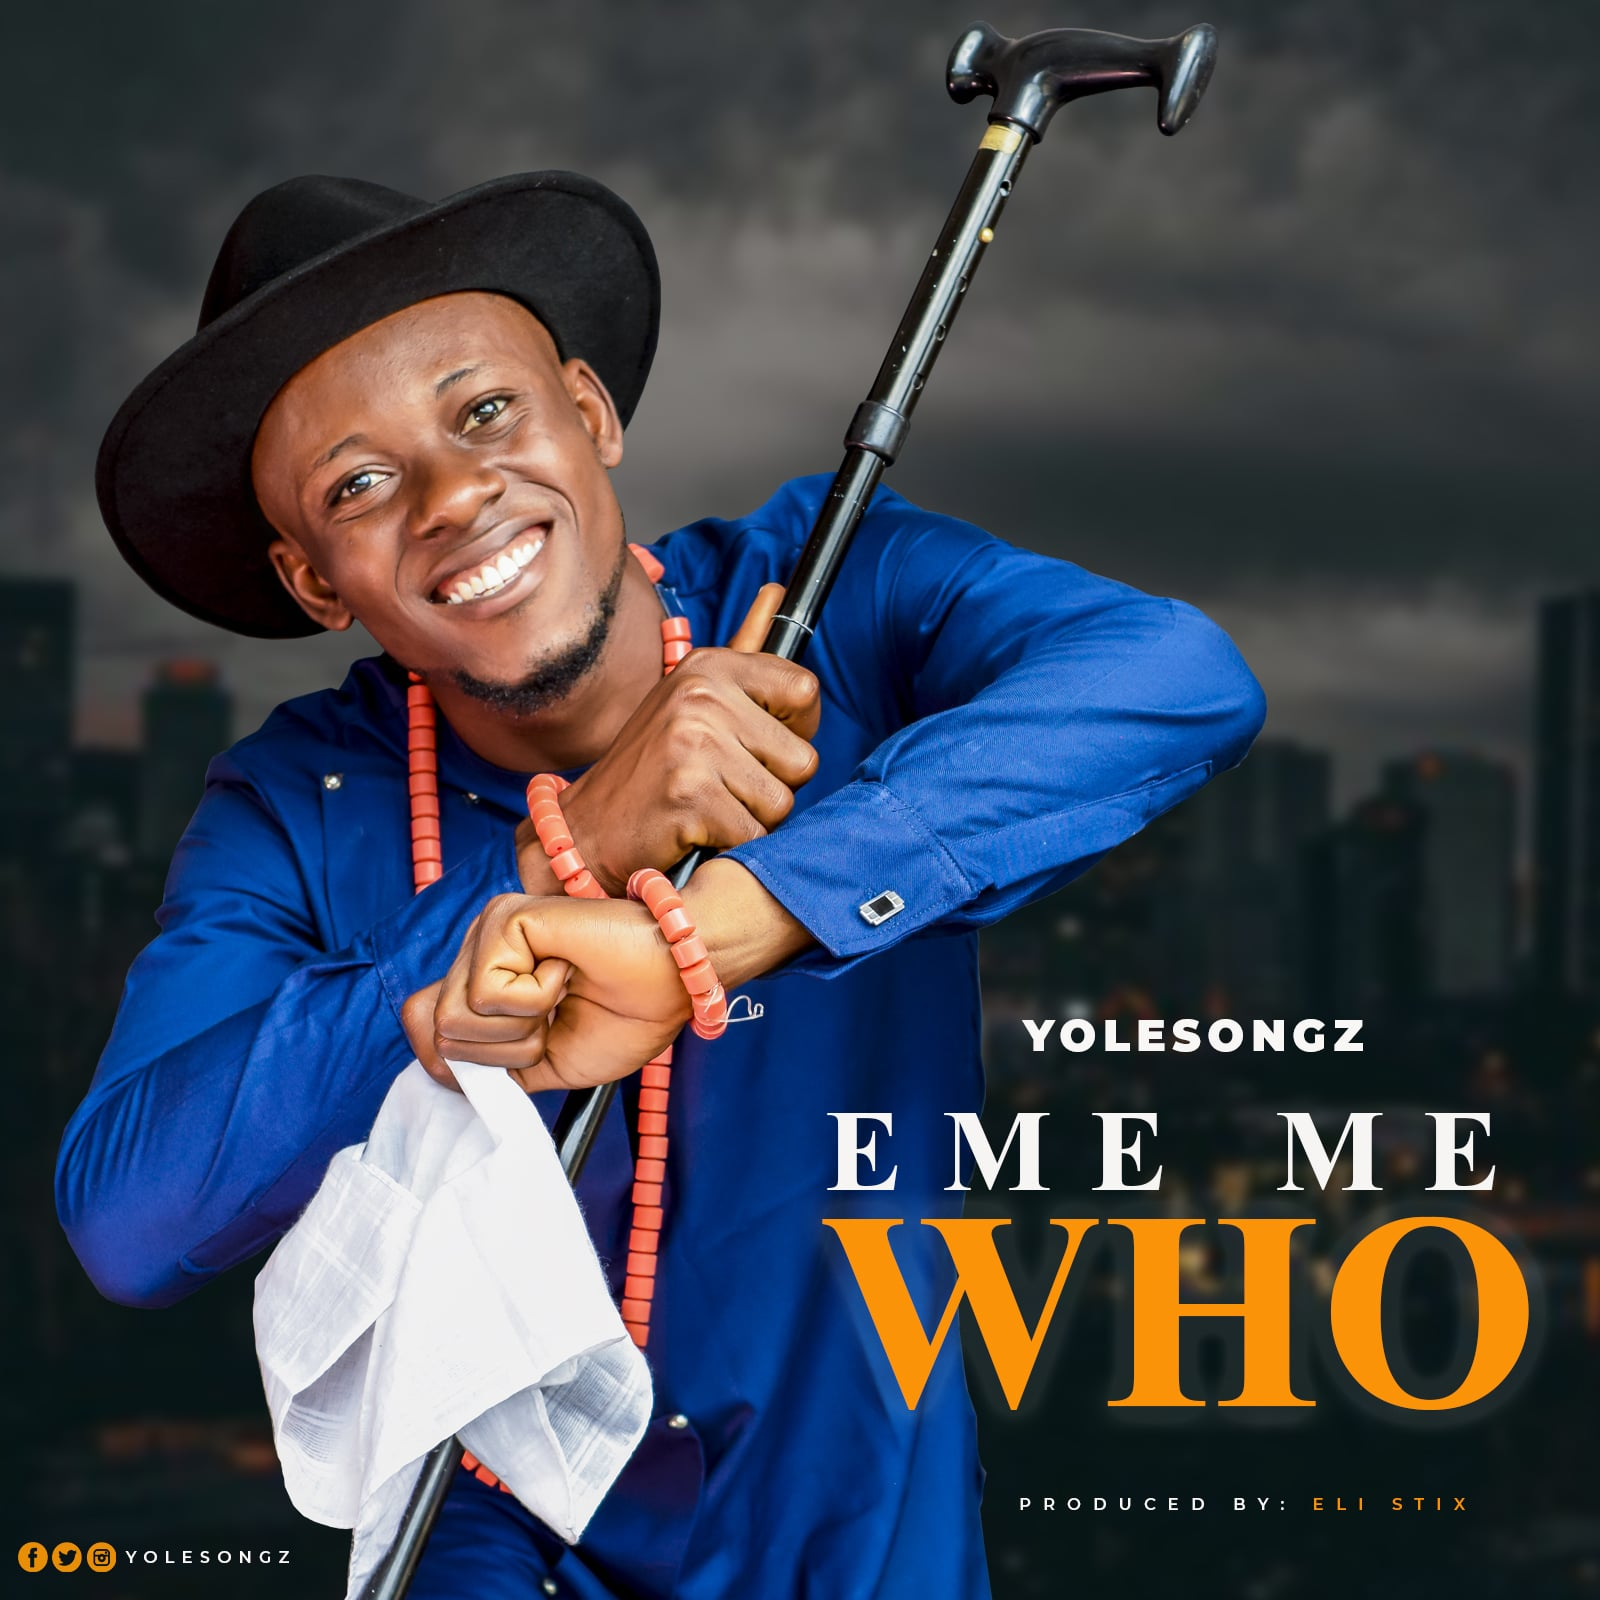 Yolesongz - Eme Me Who